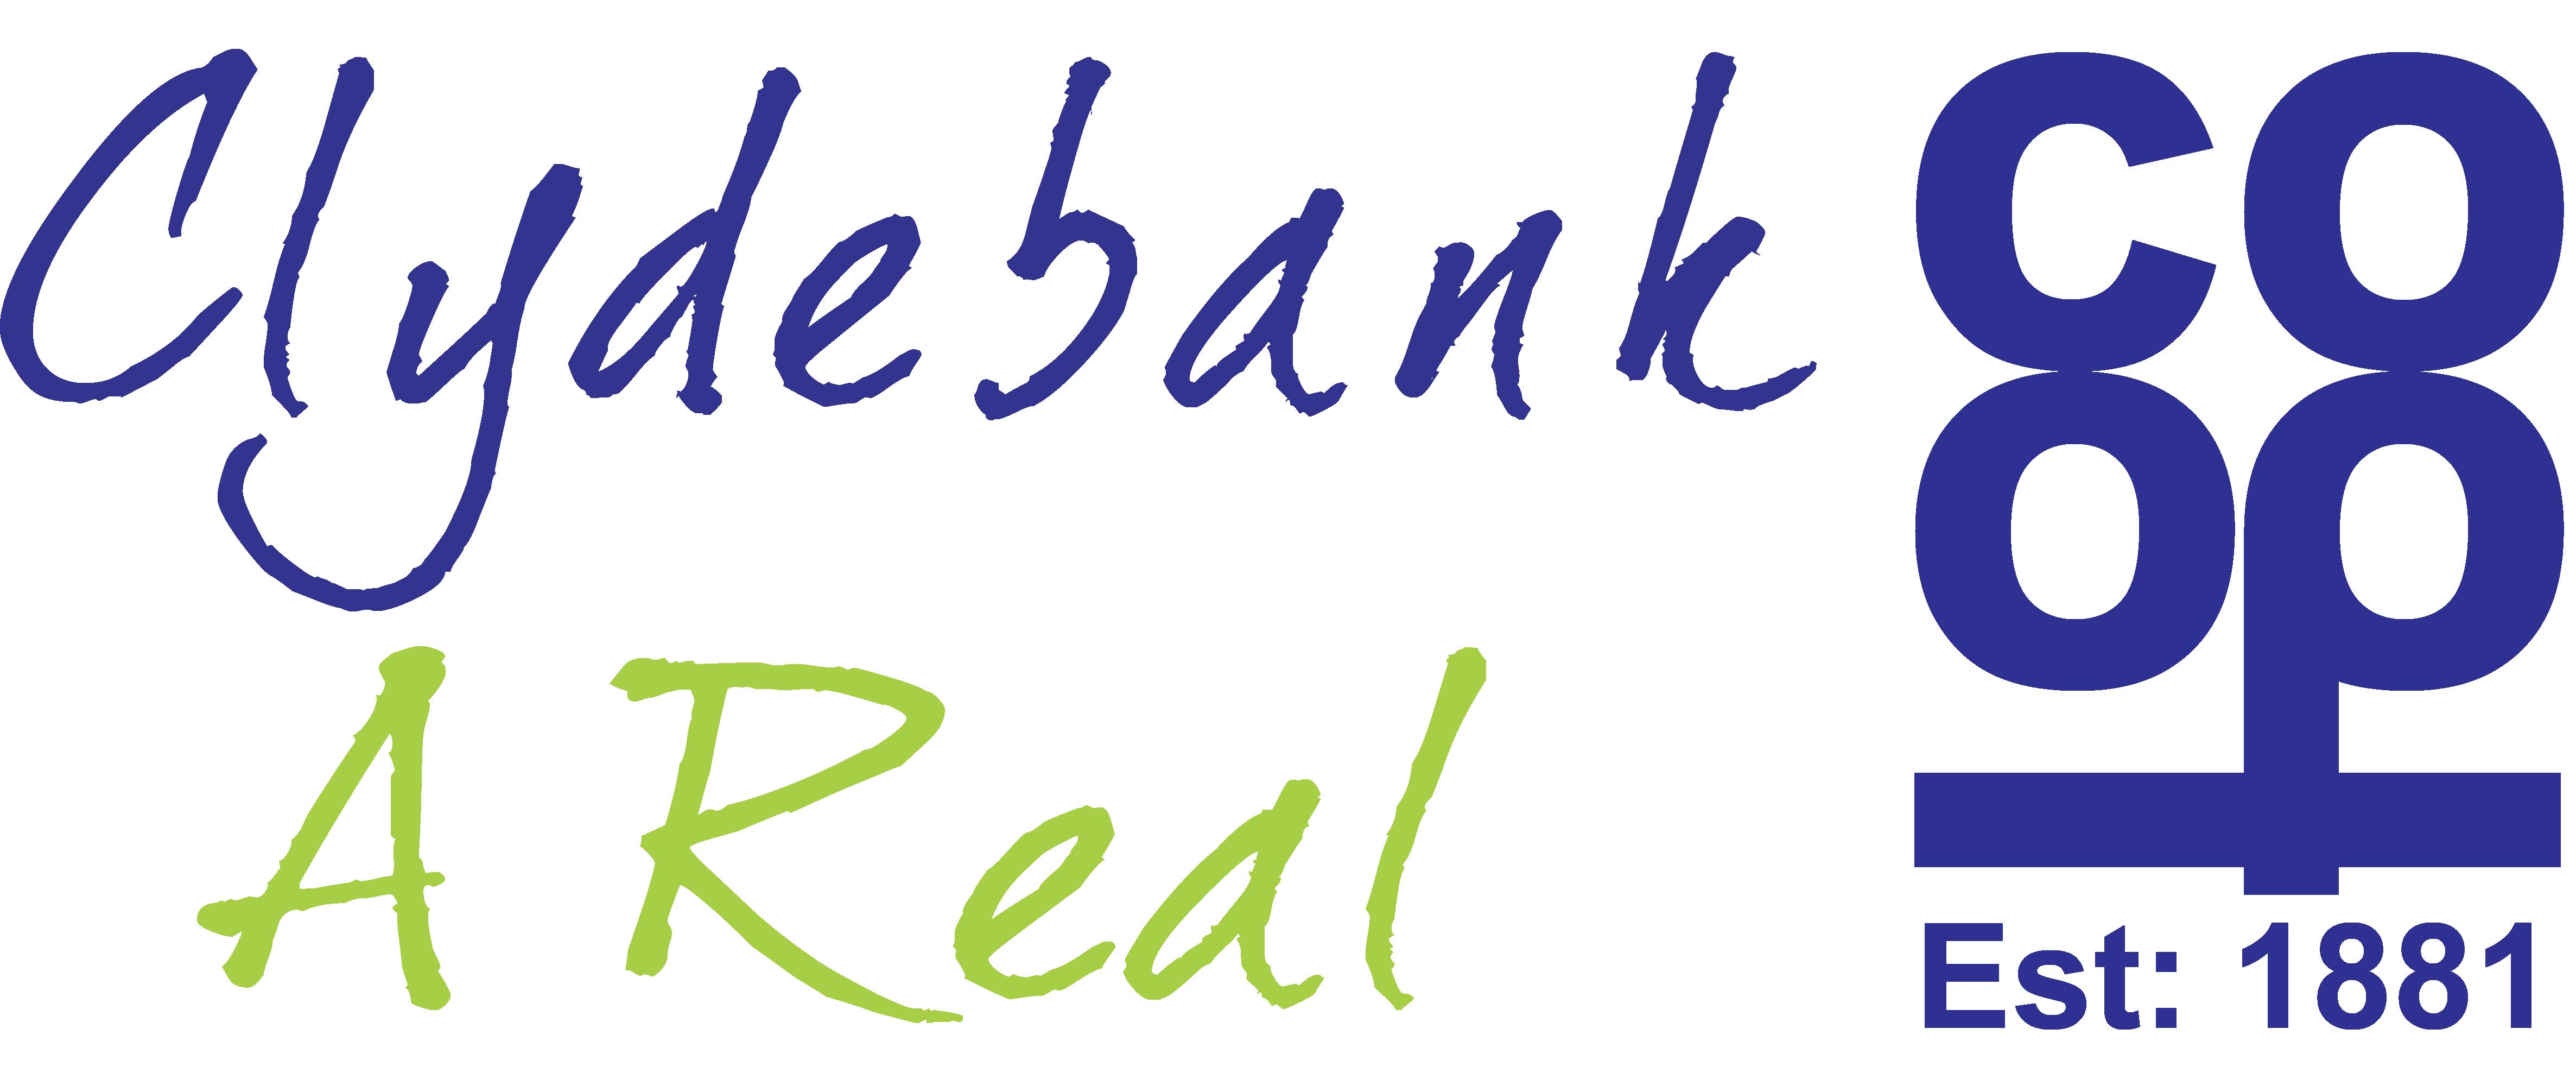 Clydebank Co-op Logo